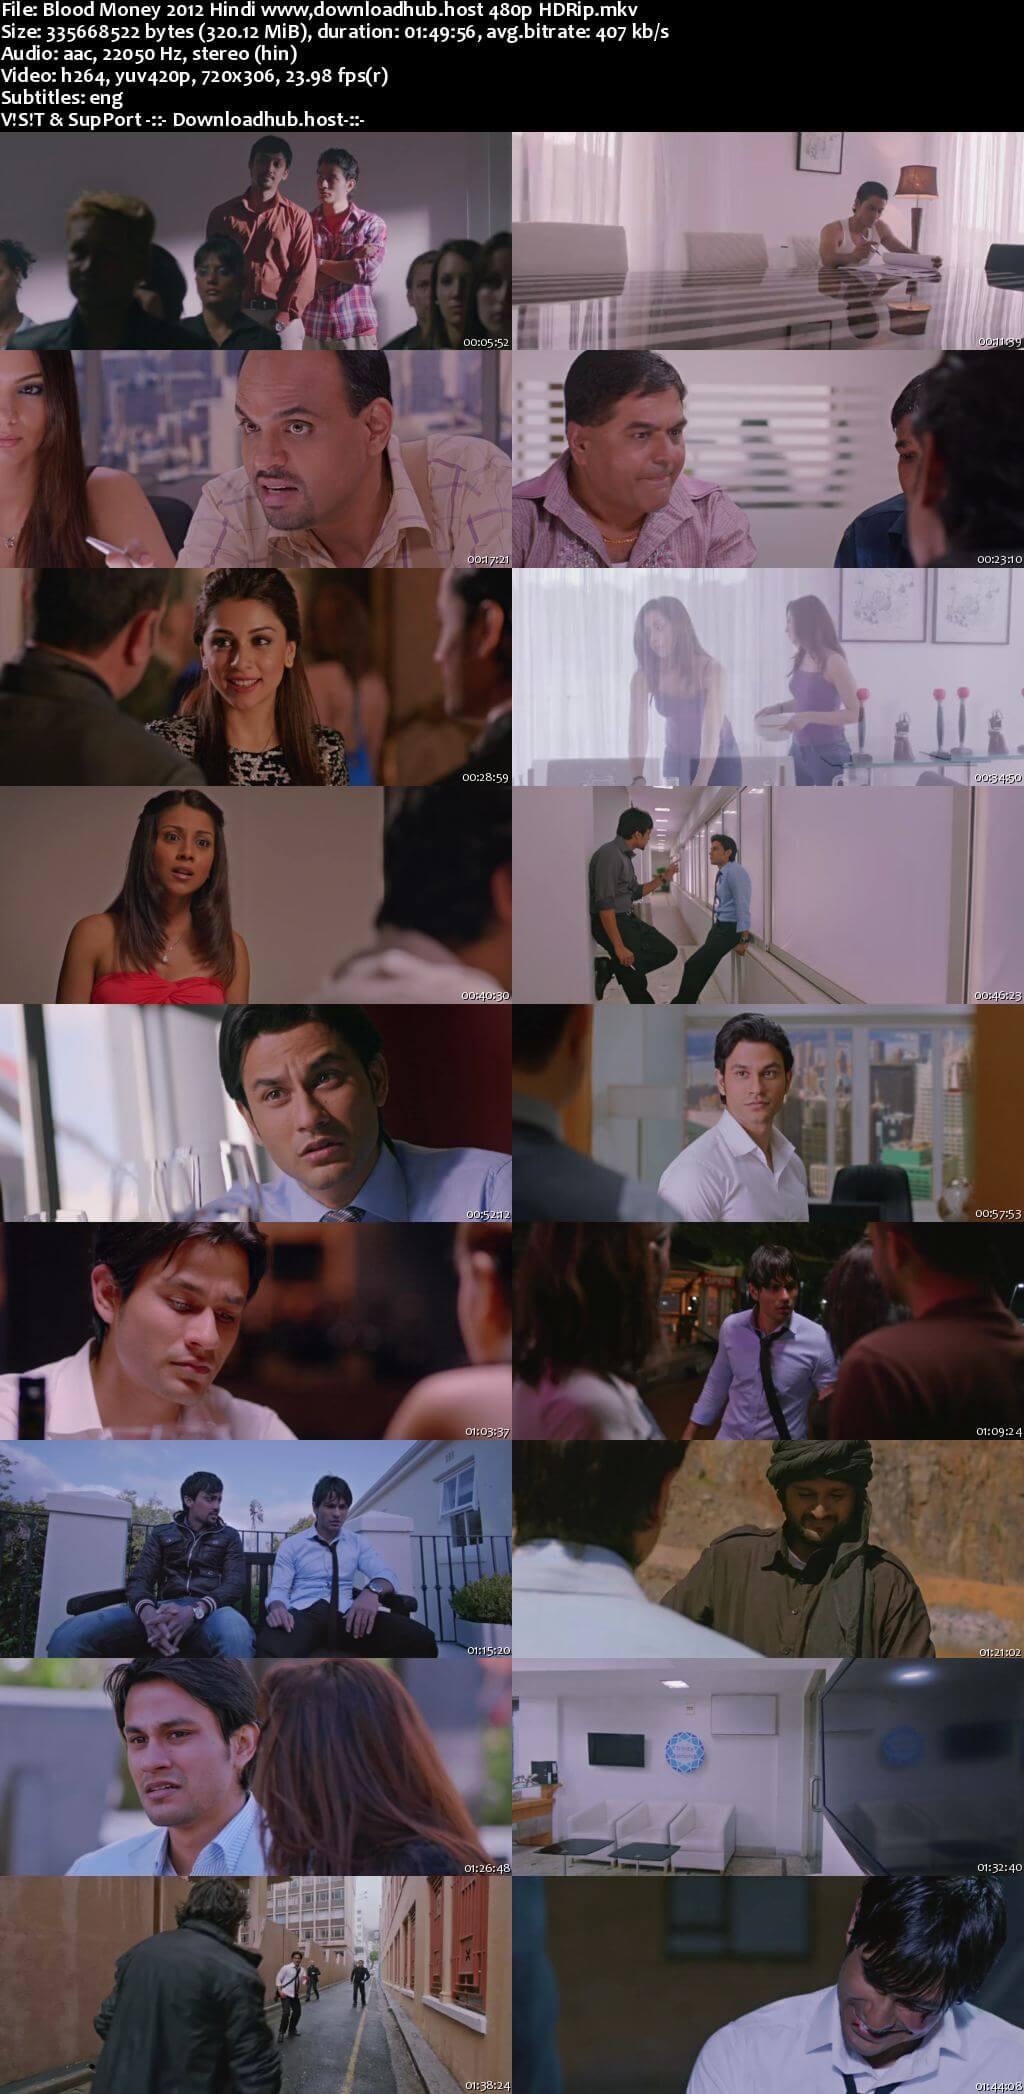 Blood Money 2012 Hindi 300MB HDRip 480p ESubs